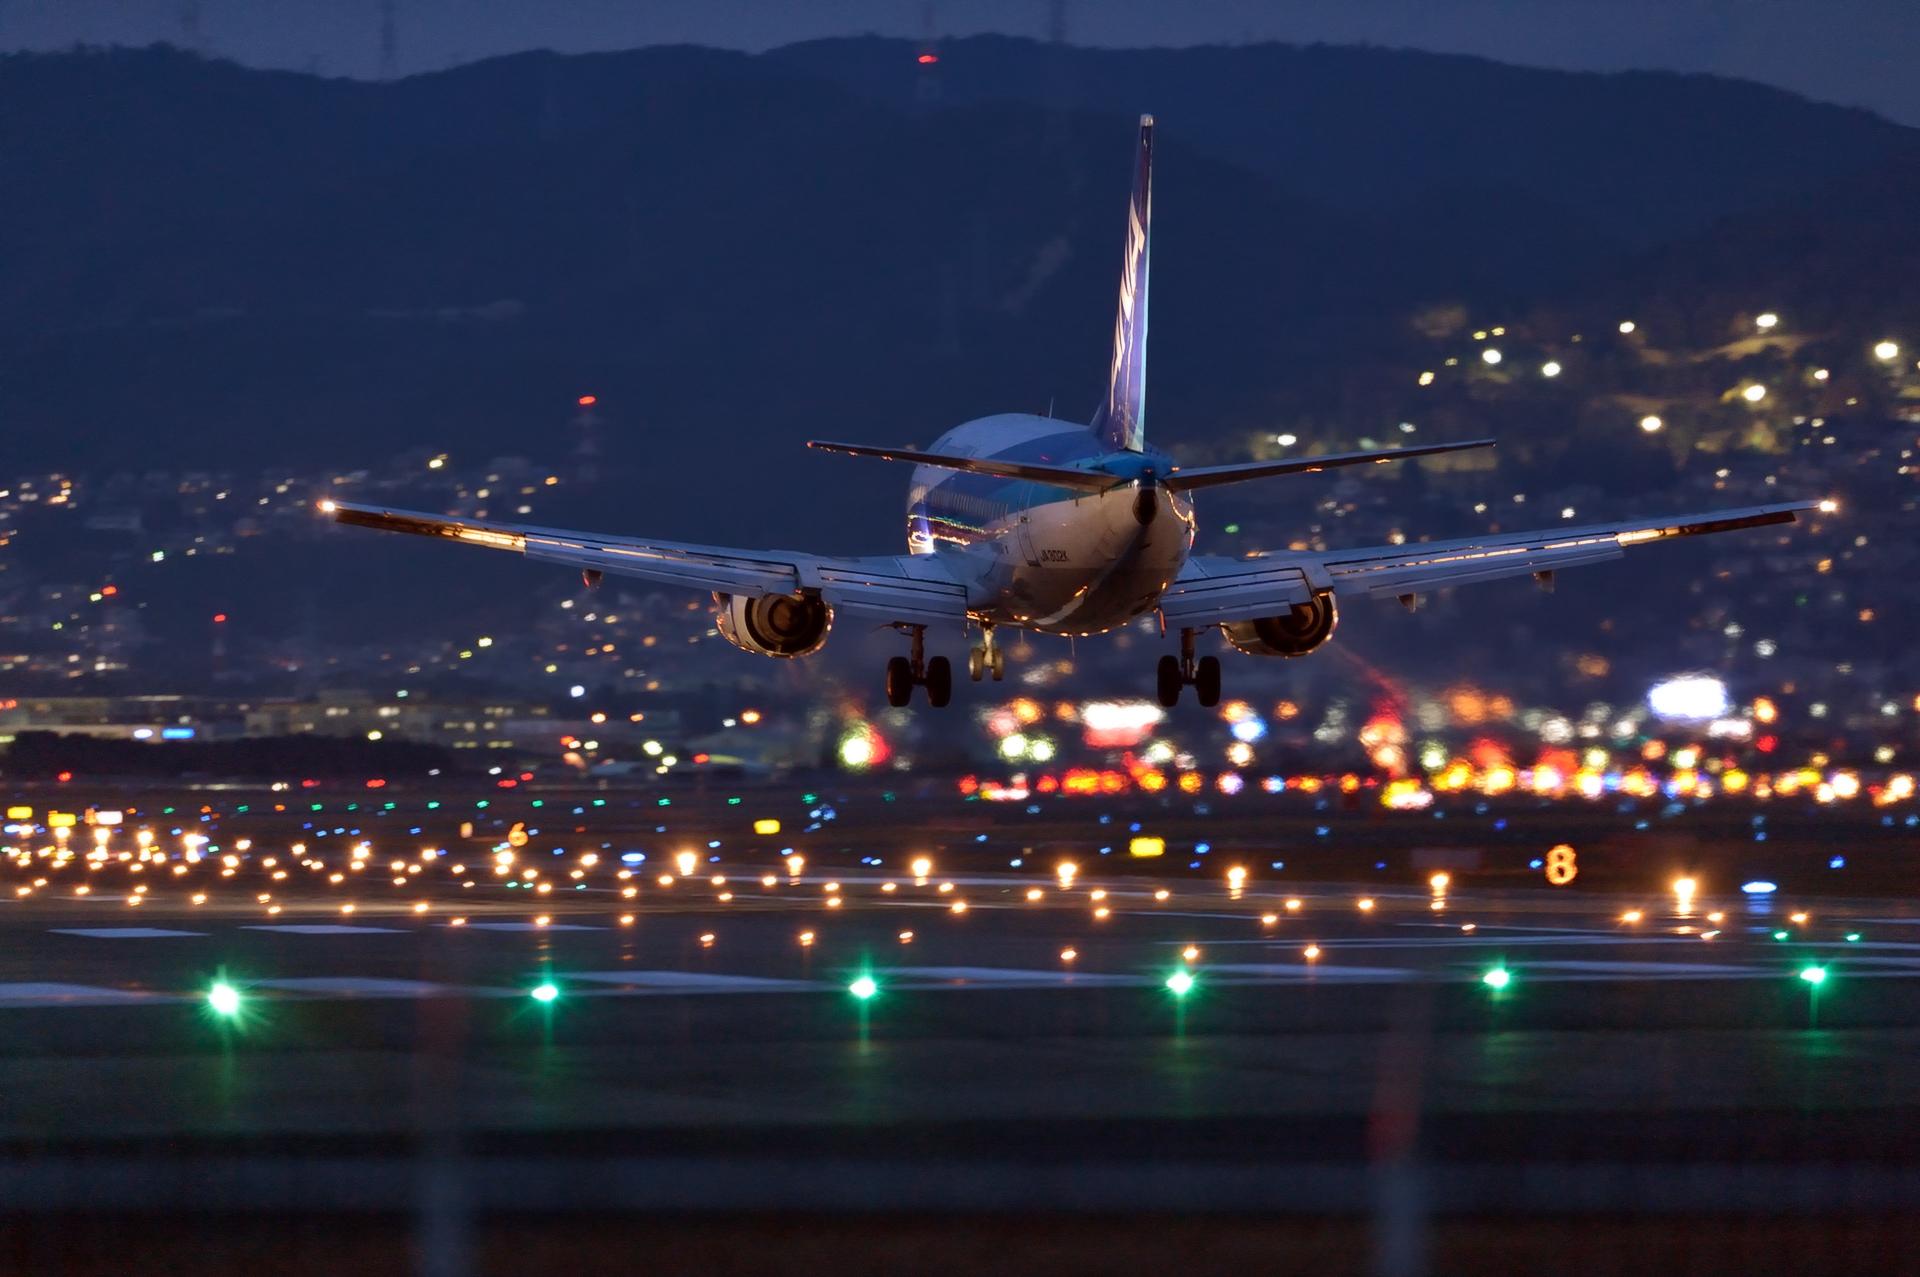 истории фото самолетов в ночном небе может помочь обычной